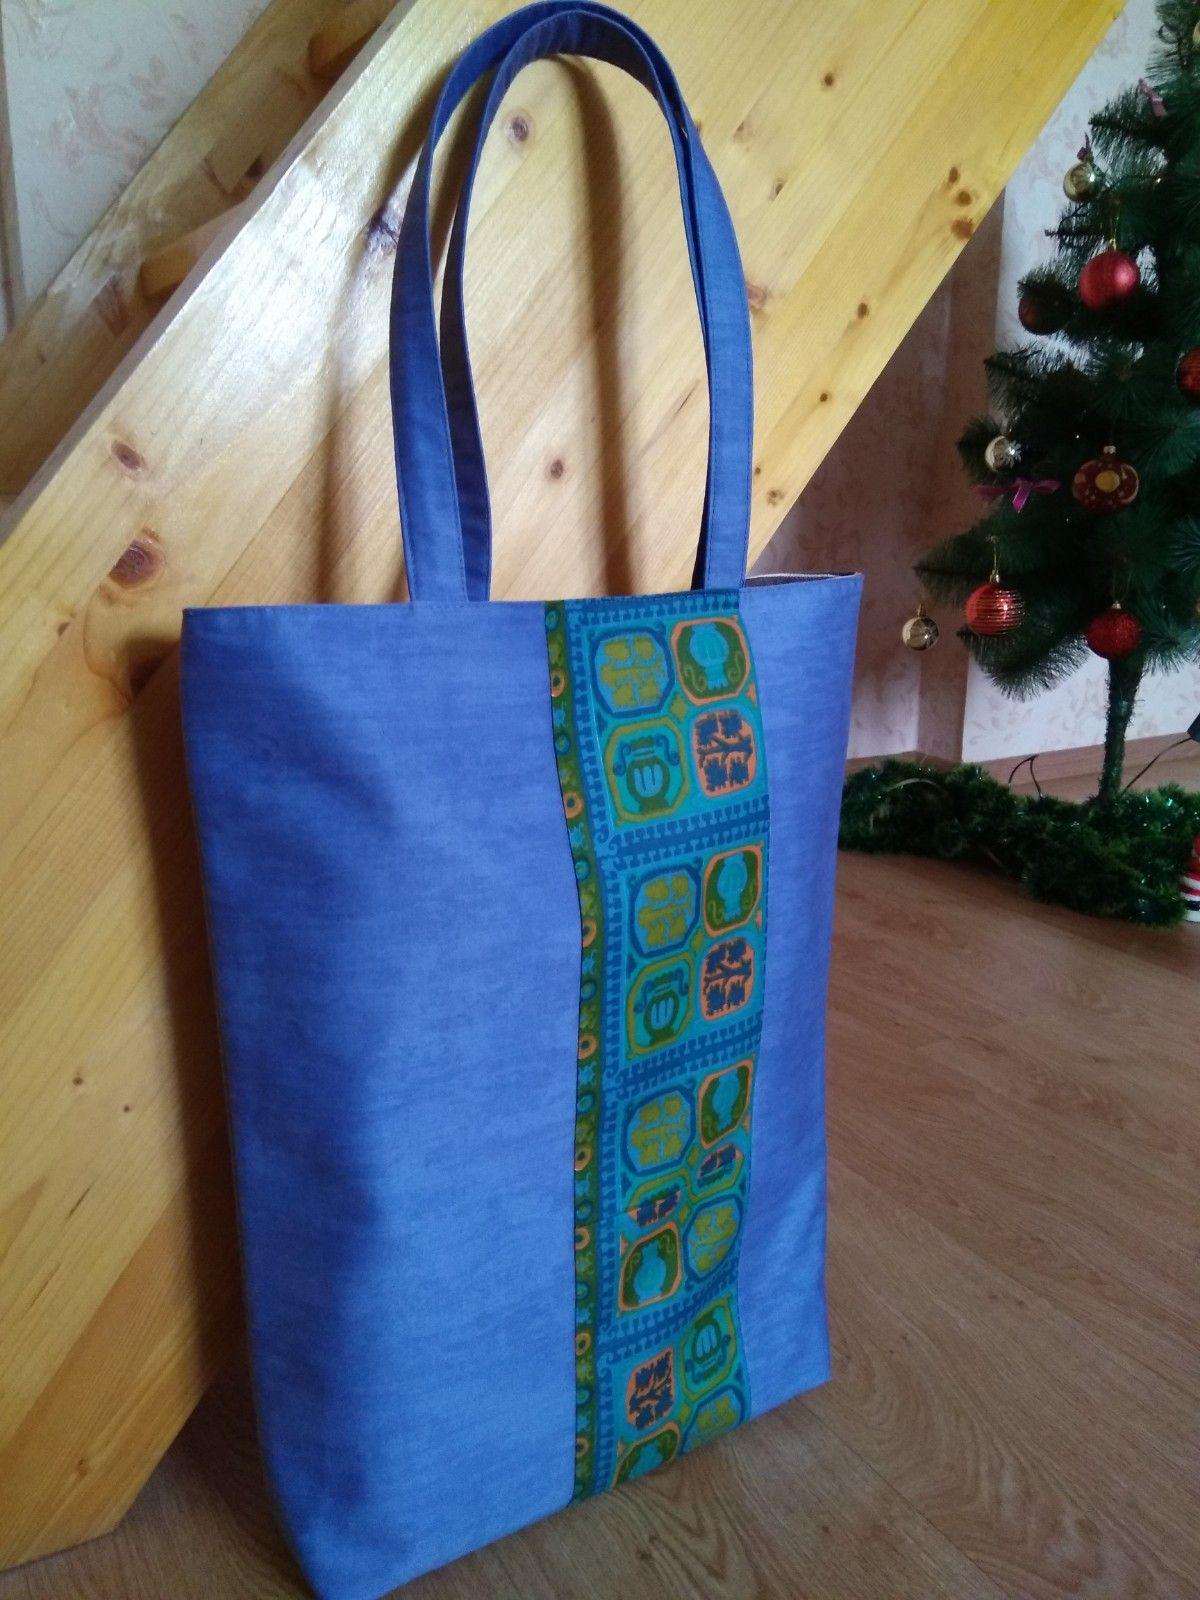 88525259a910 Эко-сумка из натурального хлопка, текстильная сумка